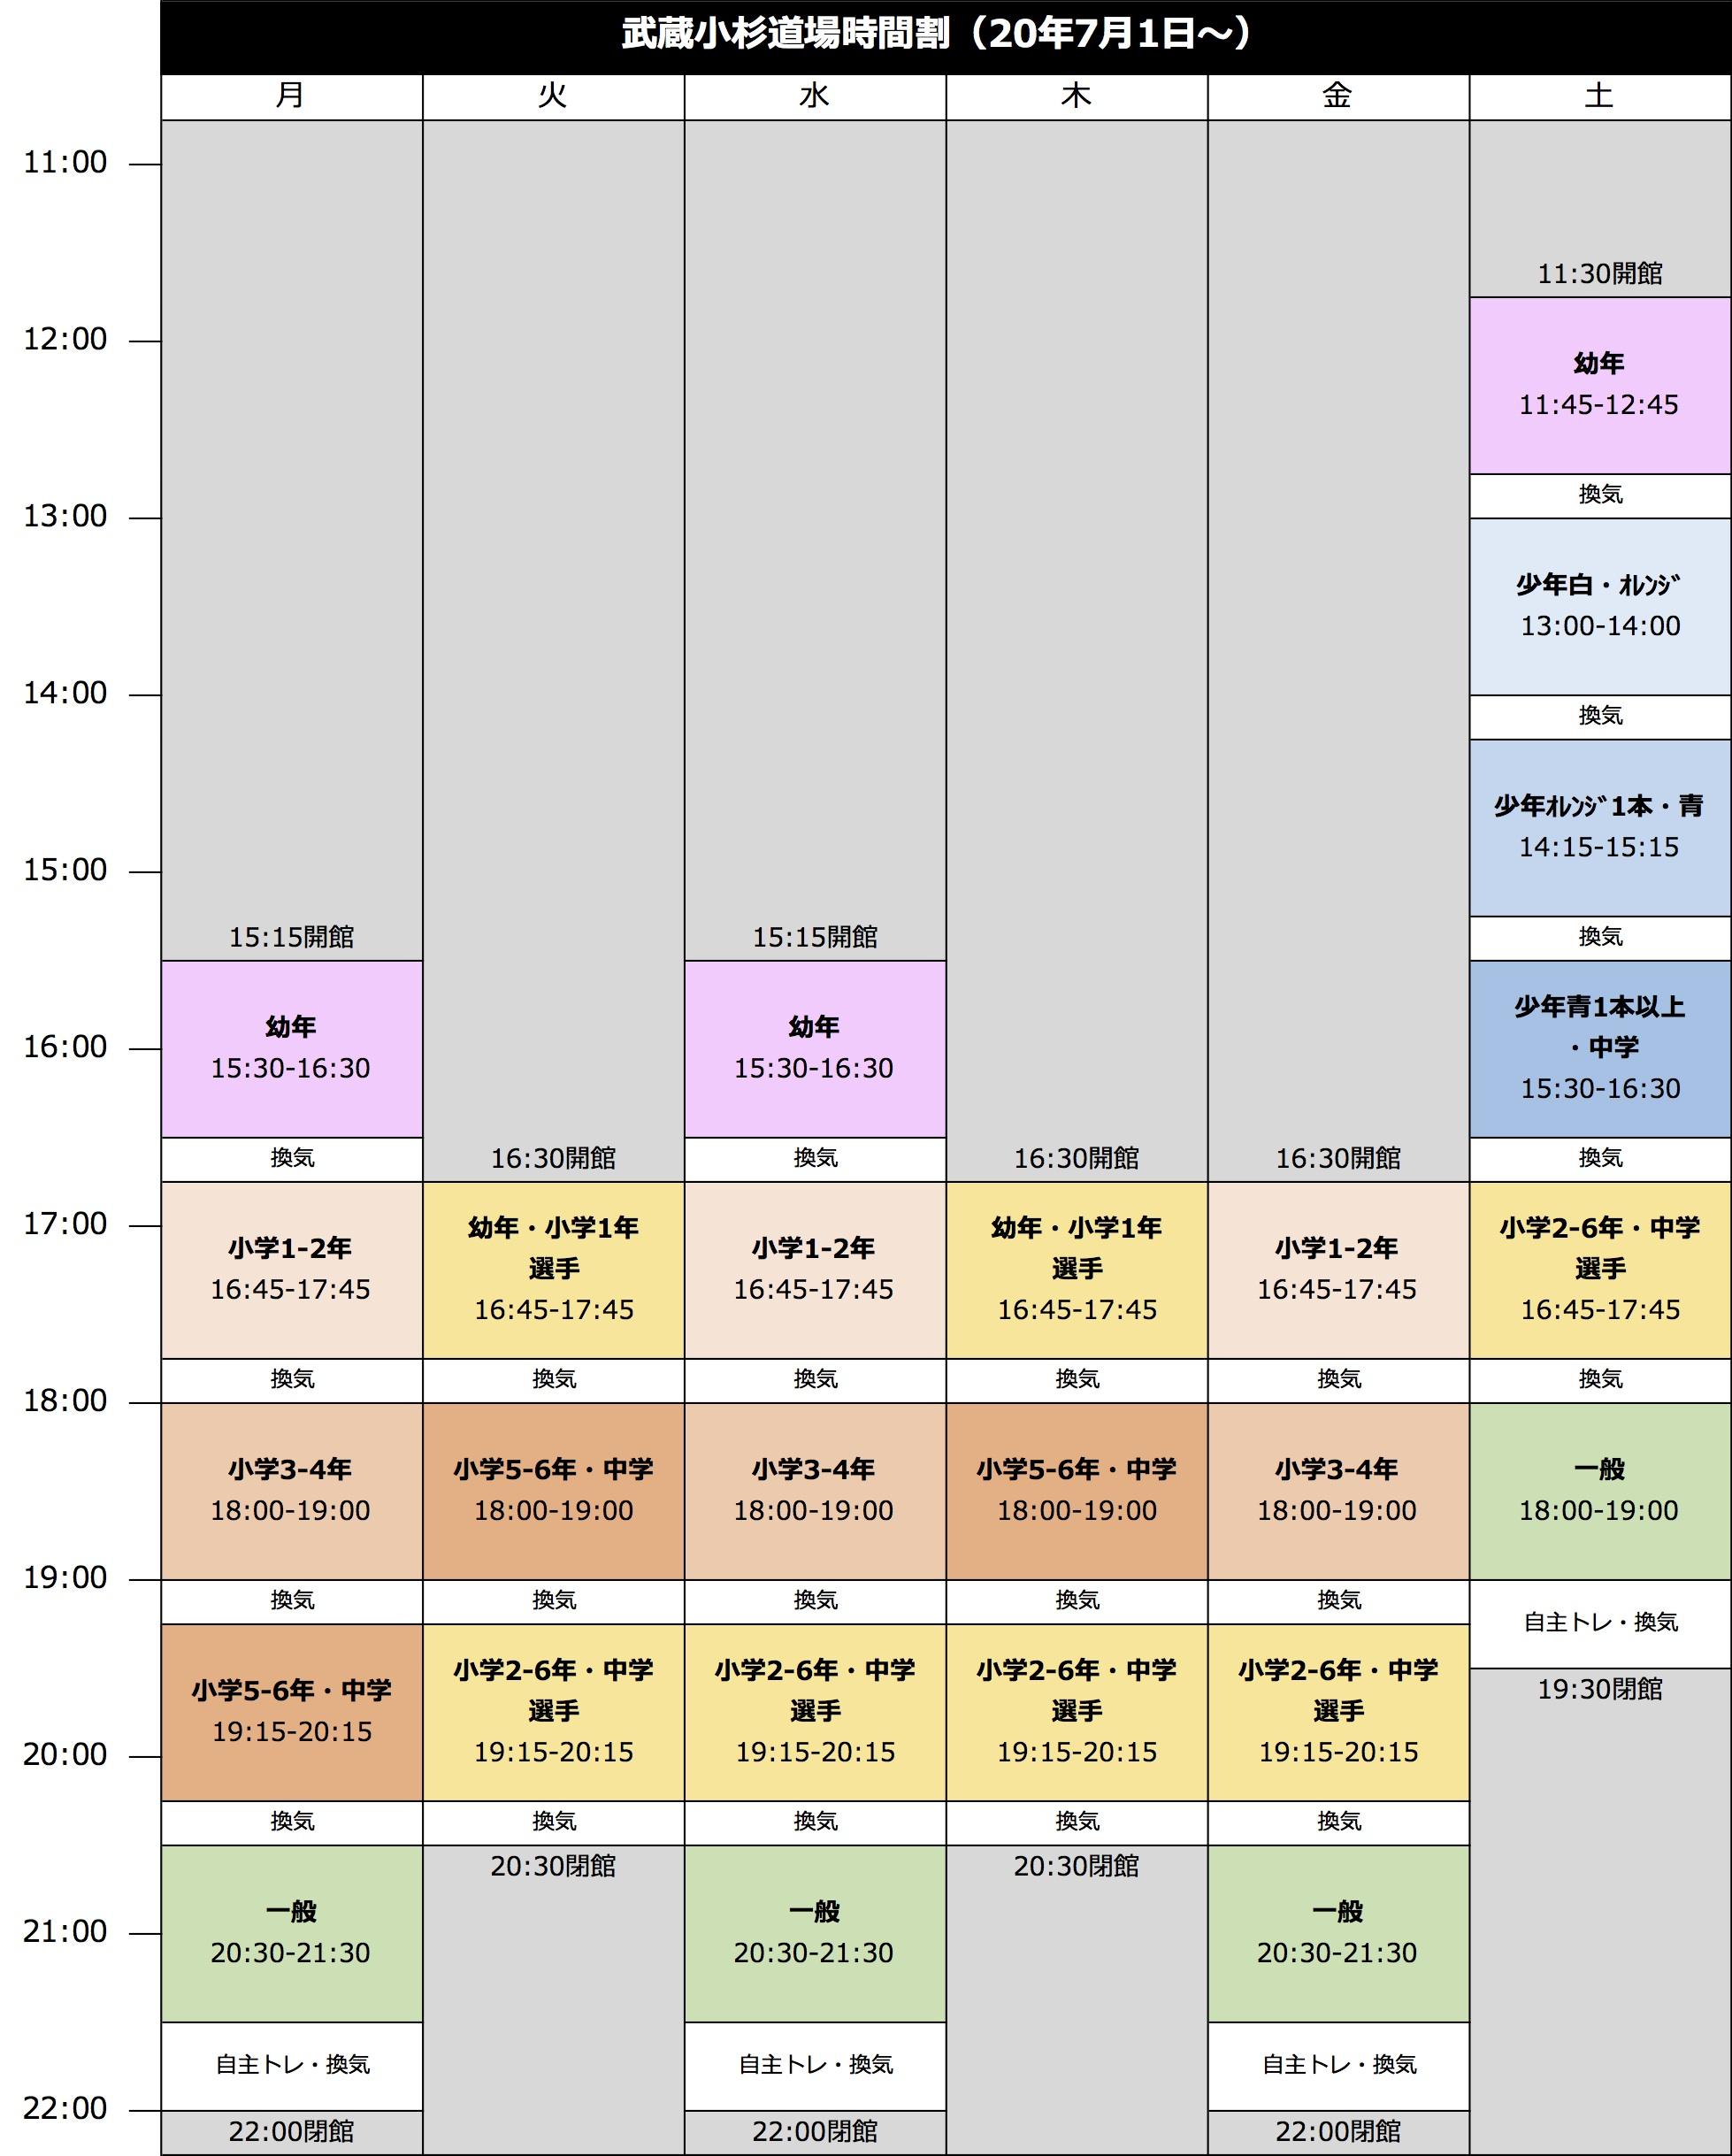 極真会館神奈川川崎中央支部 武蔵小杉道場 時間割